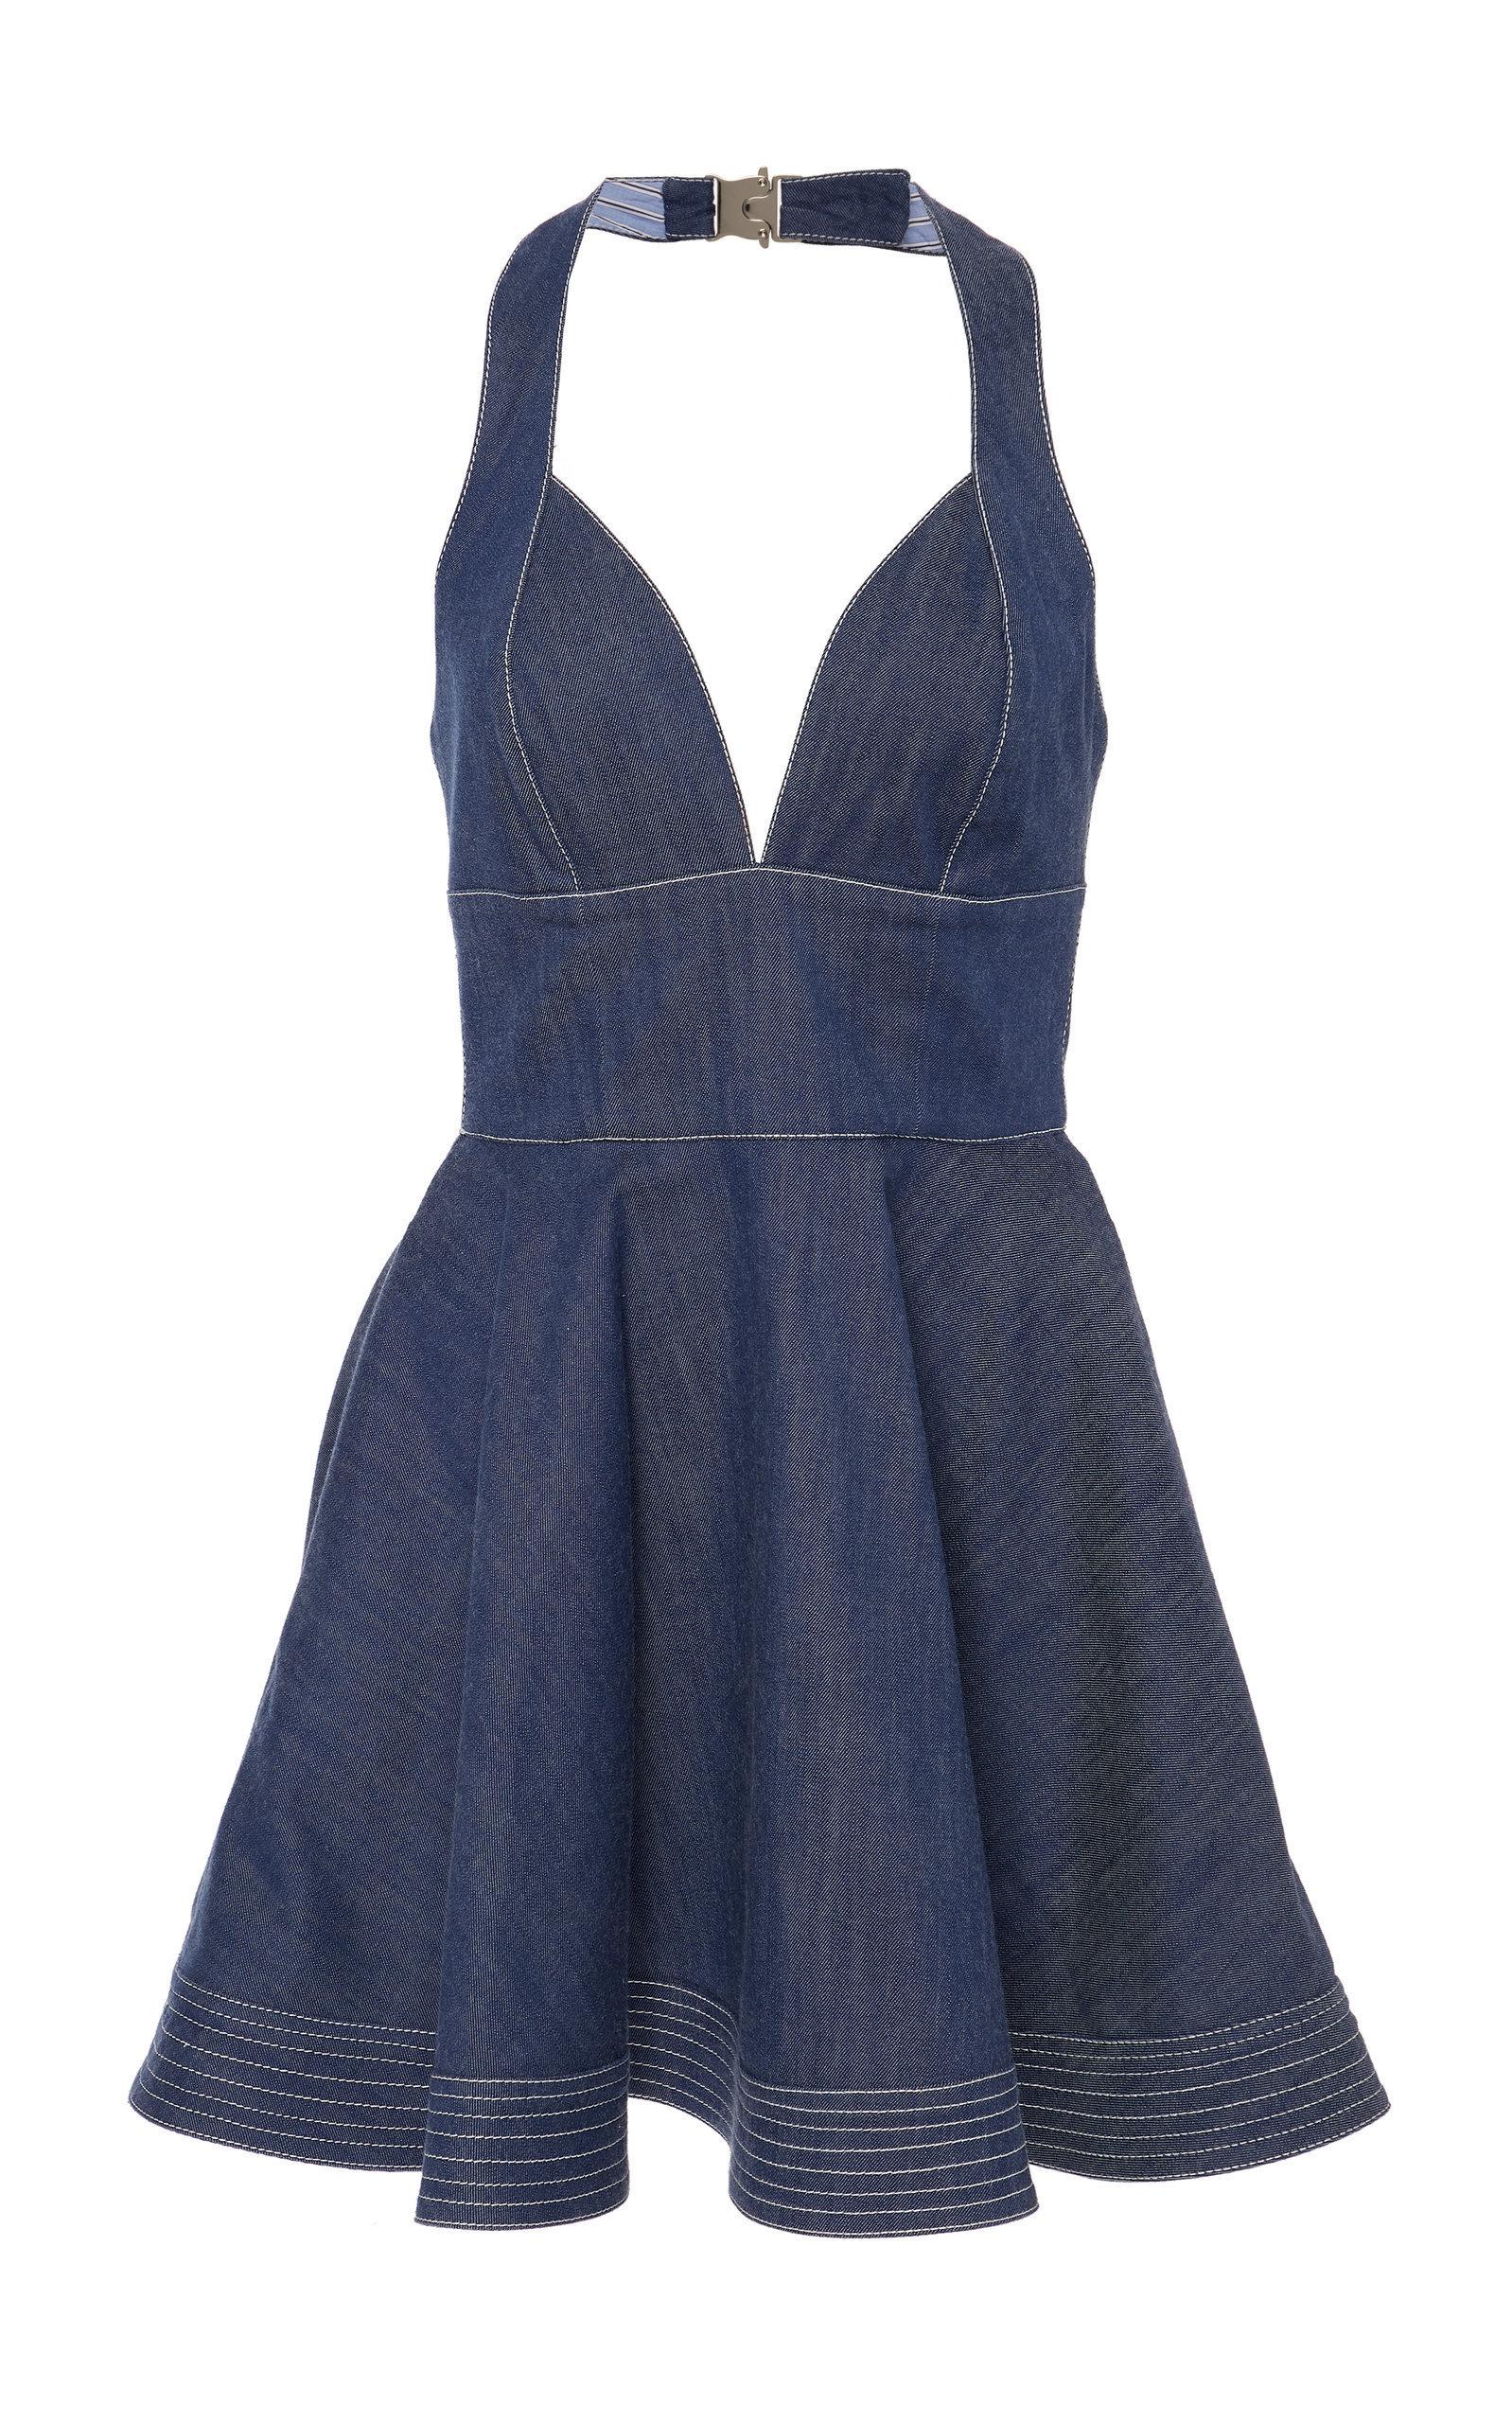 Tarrane Mini Dress